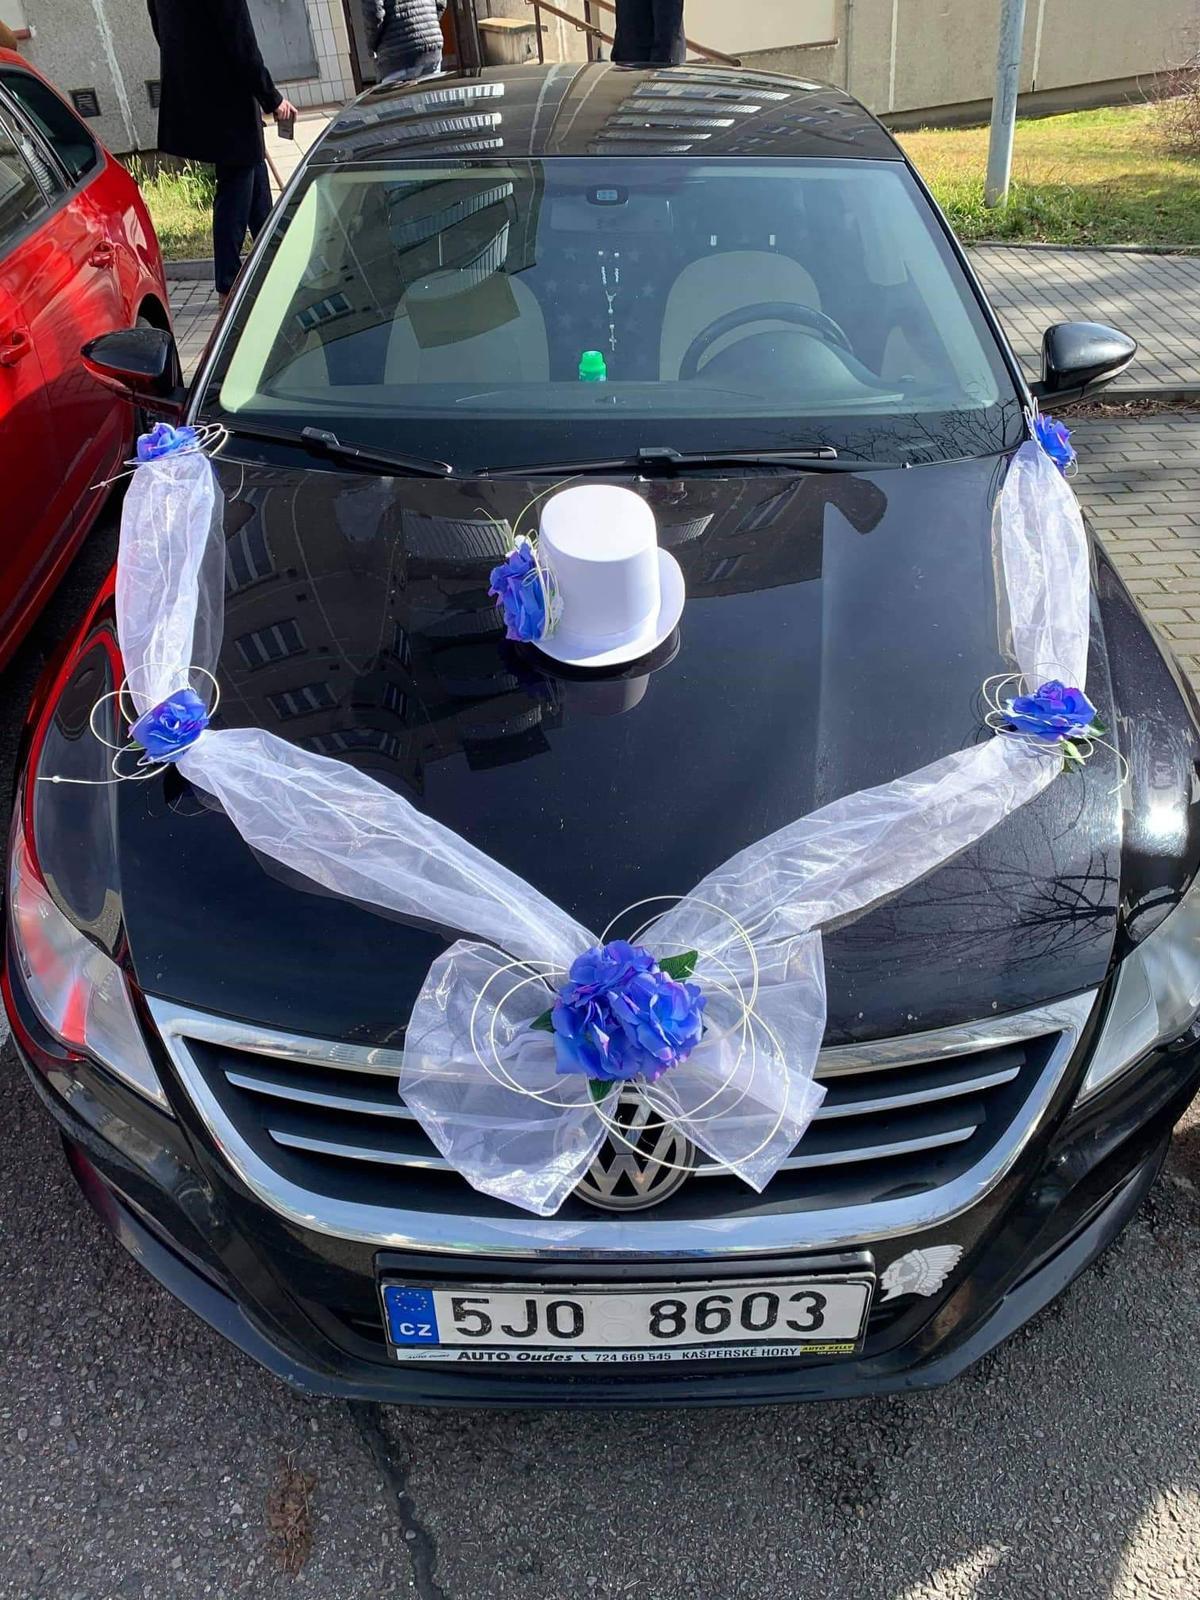 výzdoba na auta - Obrázek č. 3